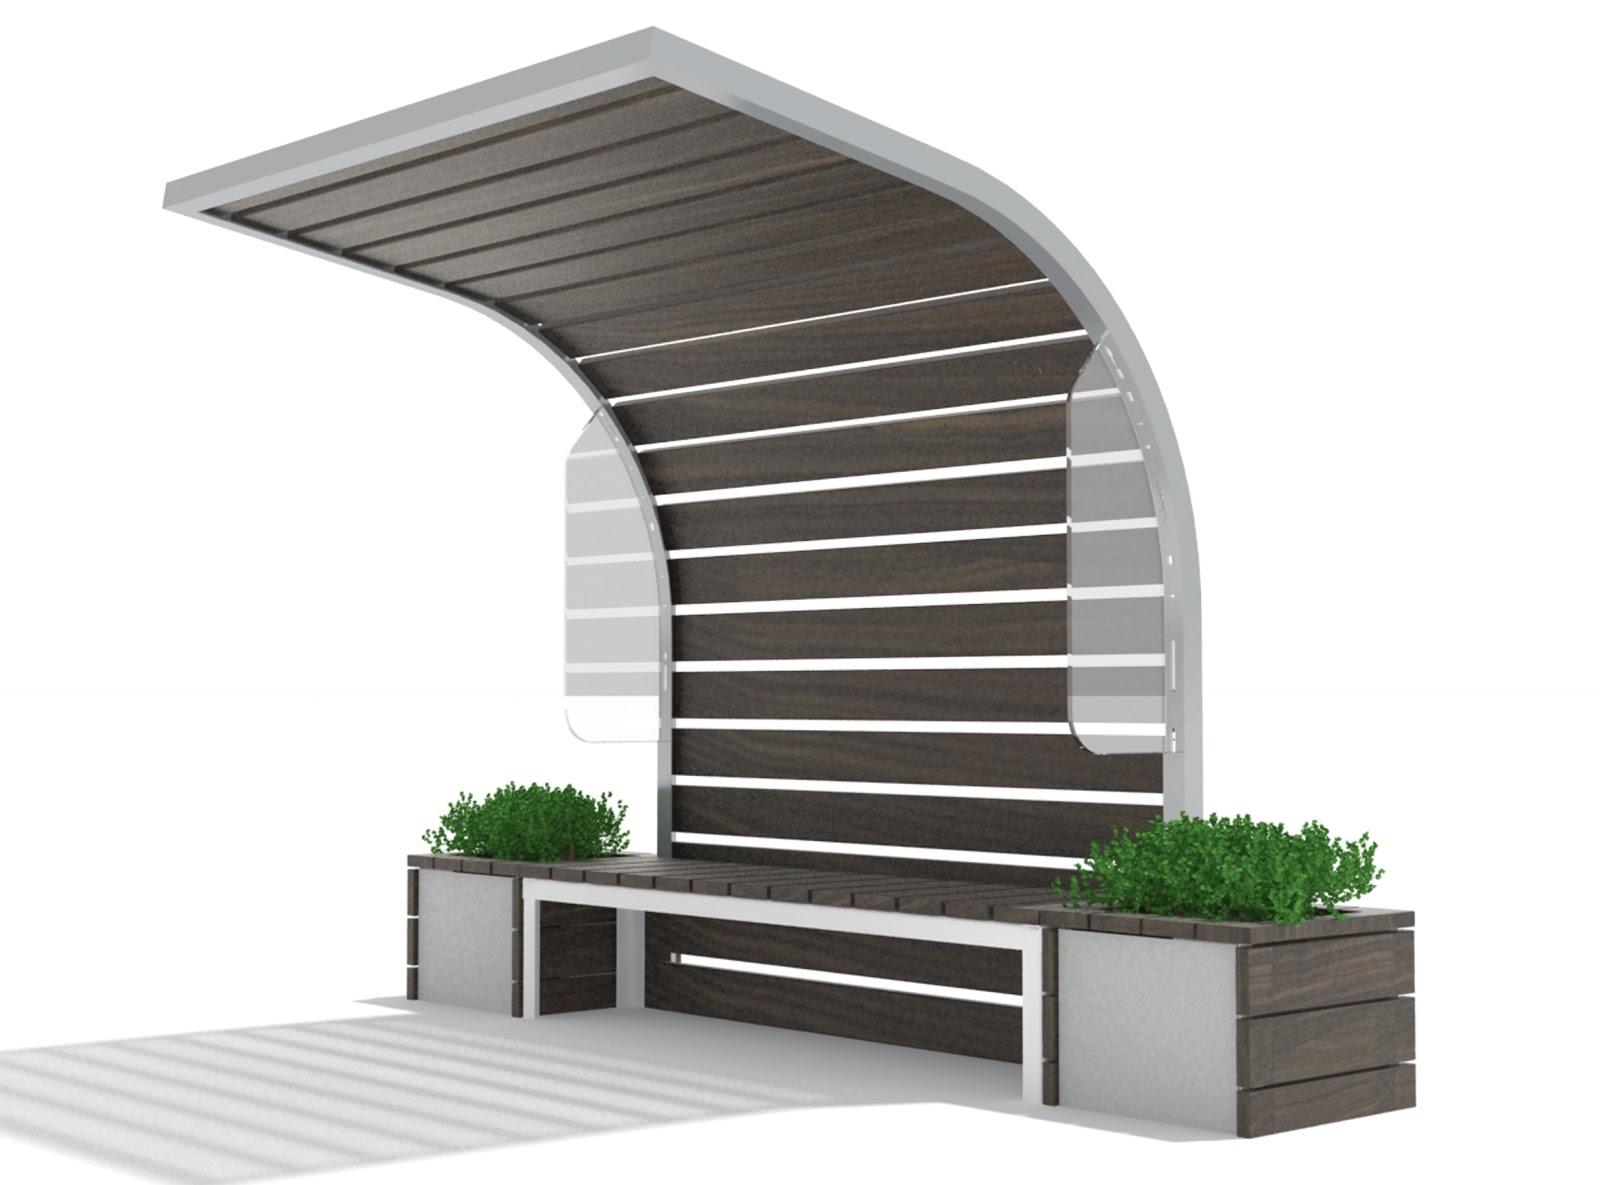 Base paisajismo equipamiento urbano marquesinas y andenes for Marquesinas para puertas de entrada